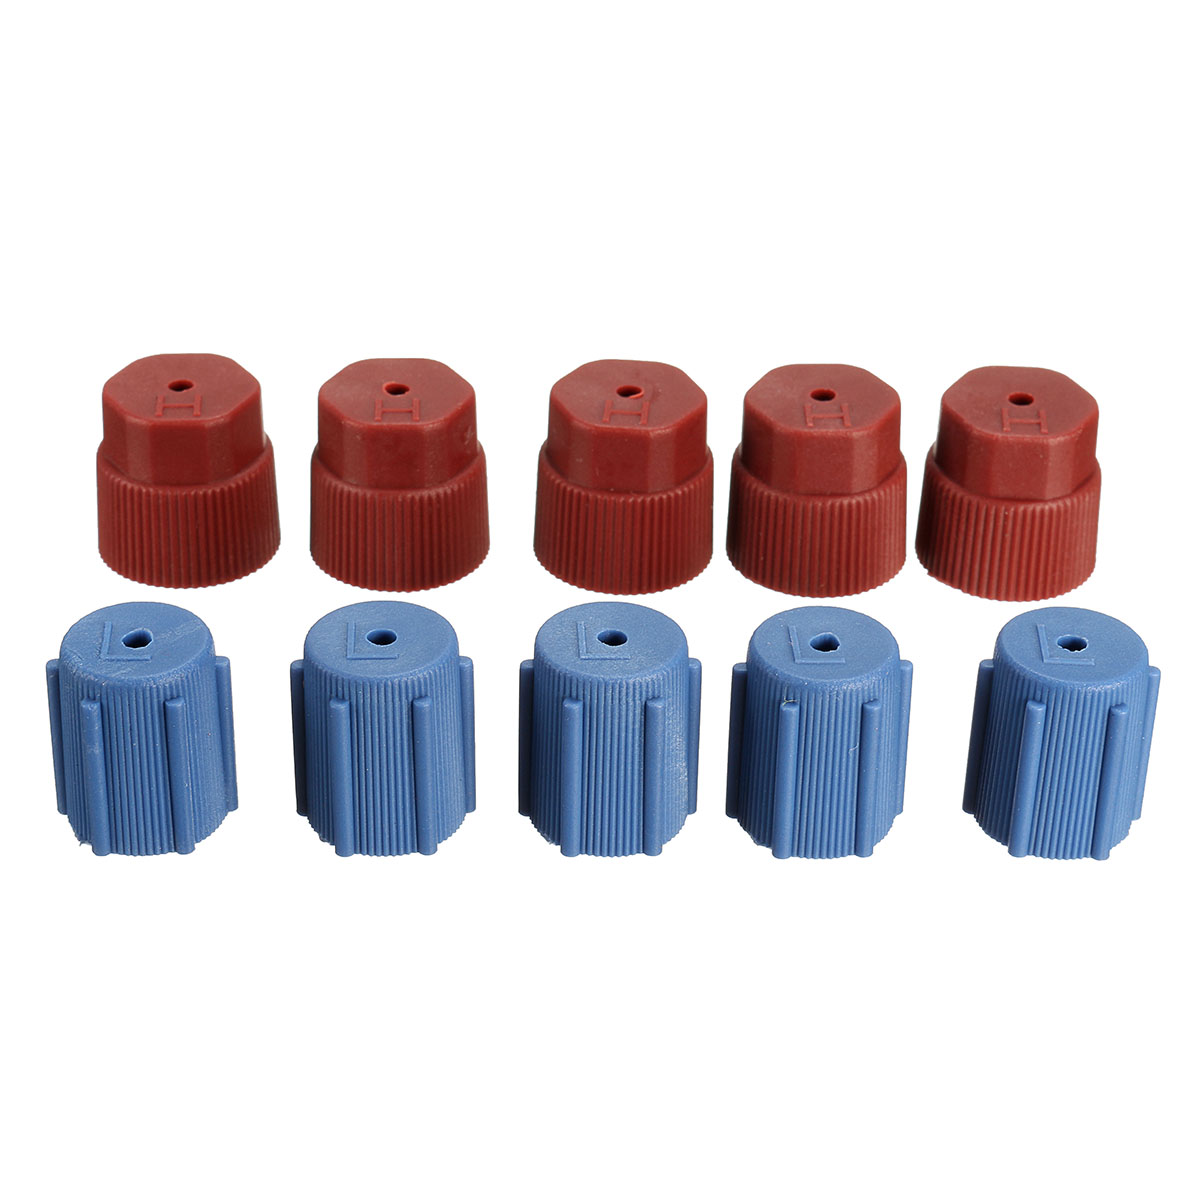 R134a 13mm/&16mm AC System Cap Charging Port Service Caps Hi Low Side Kits 10Pcs